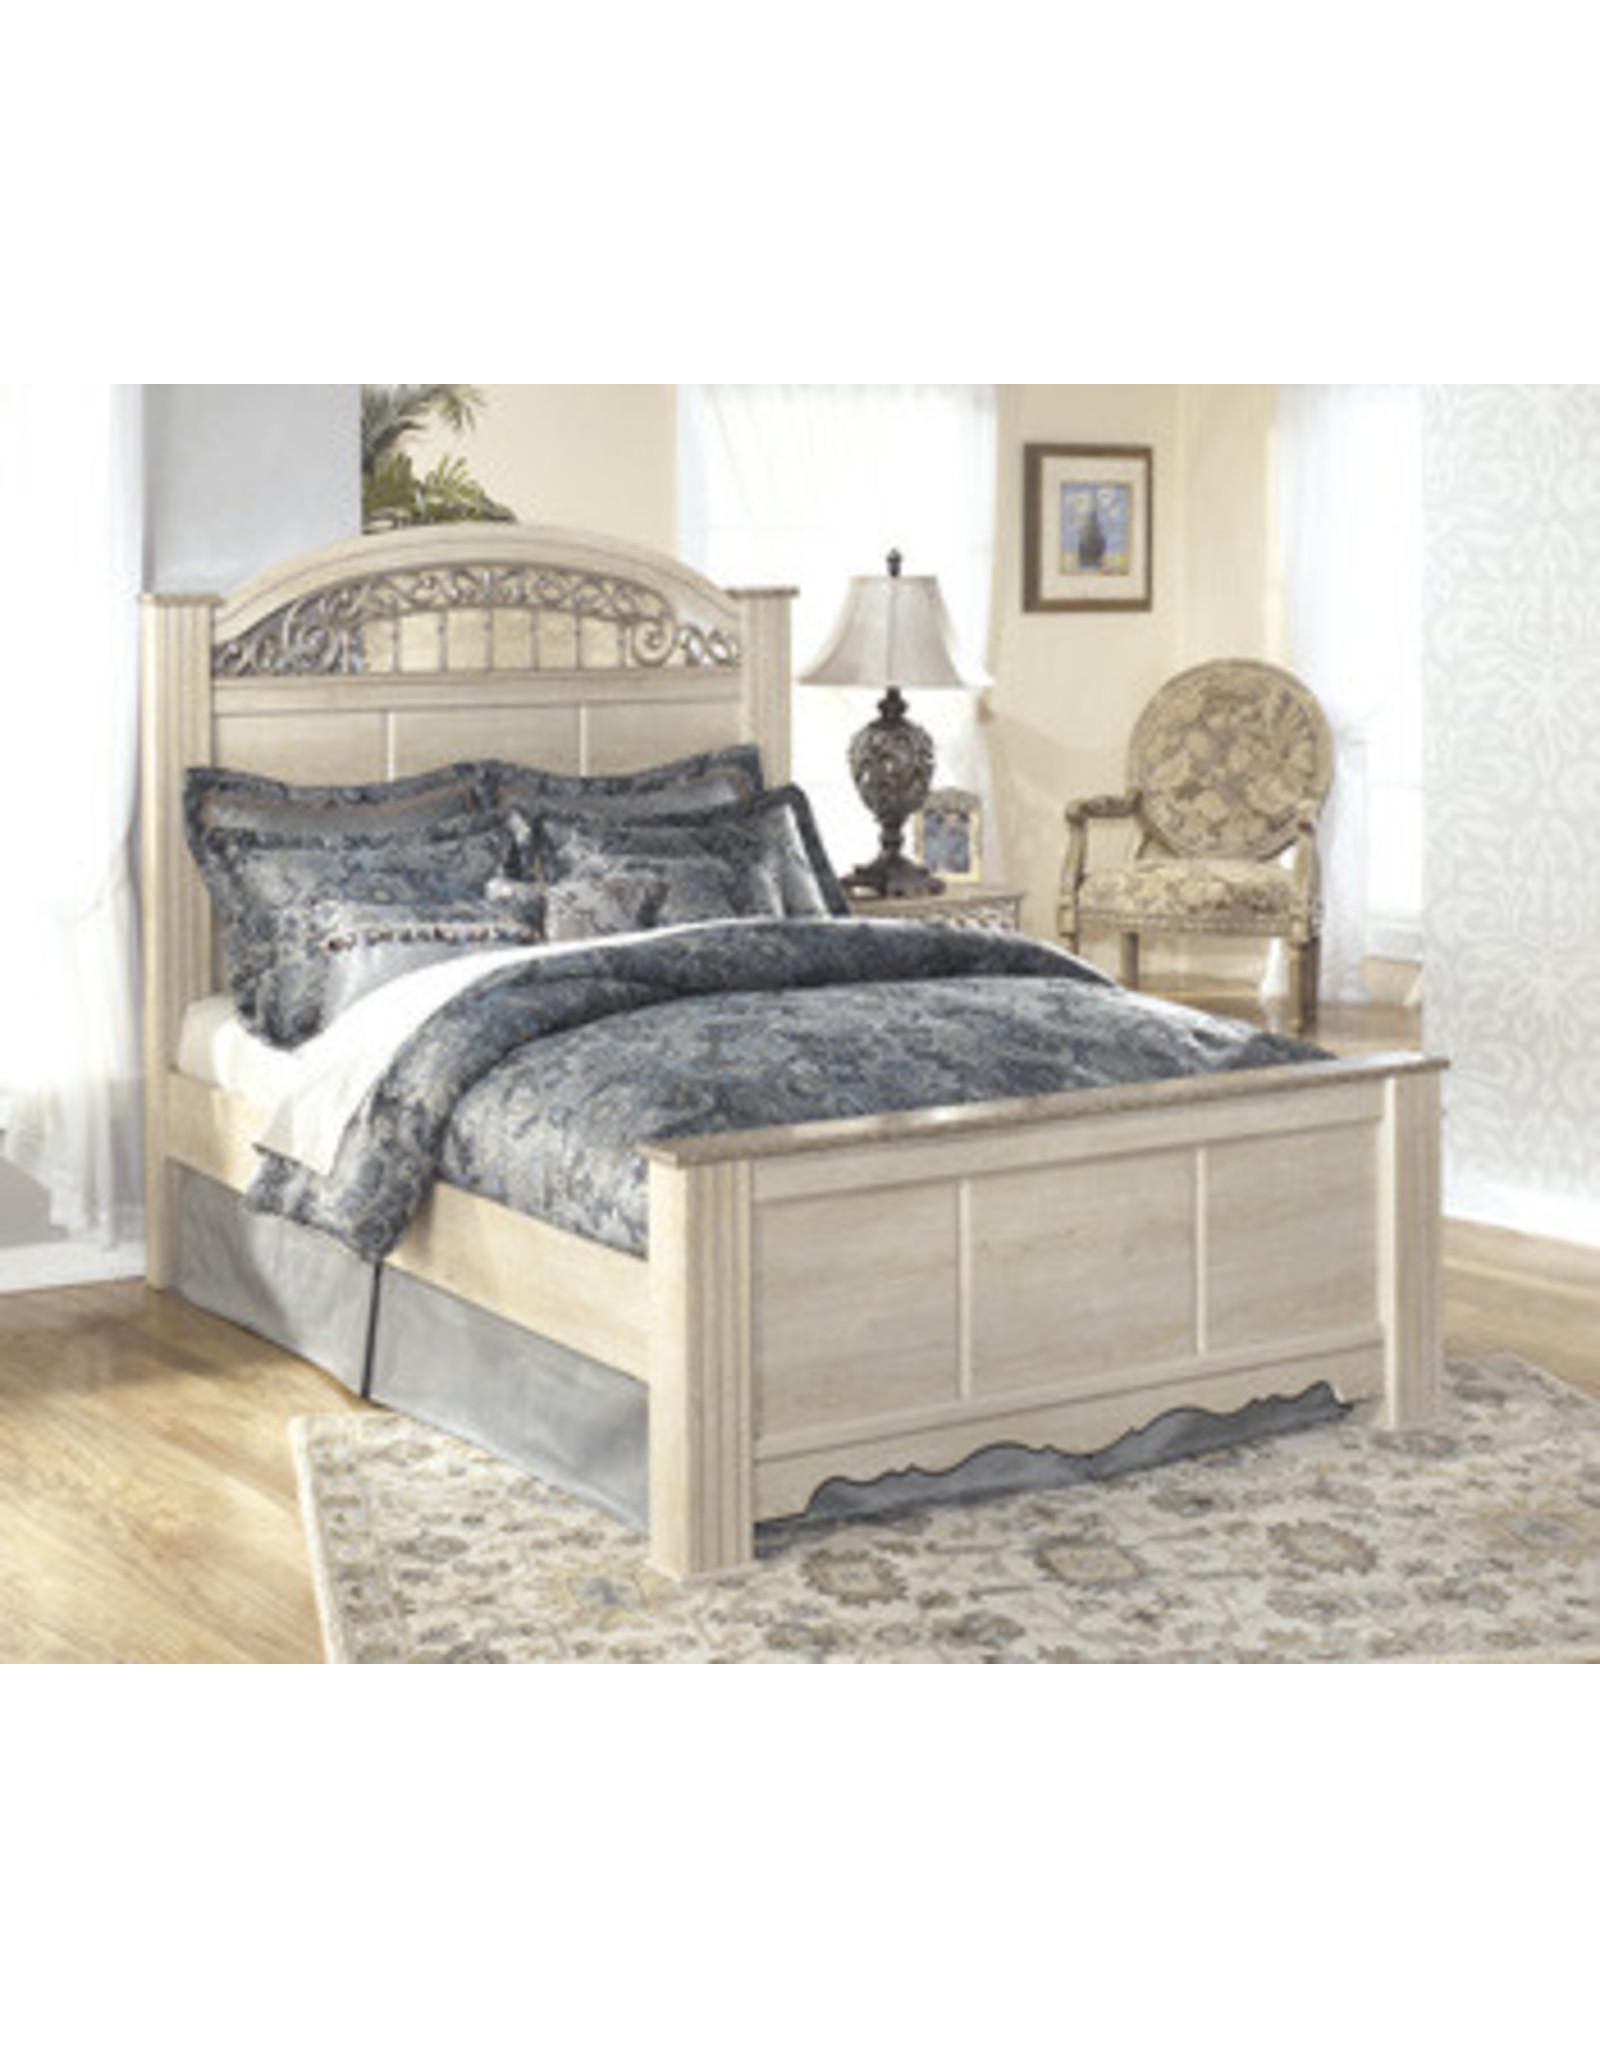 b196 Queen Bed